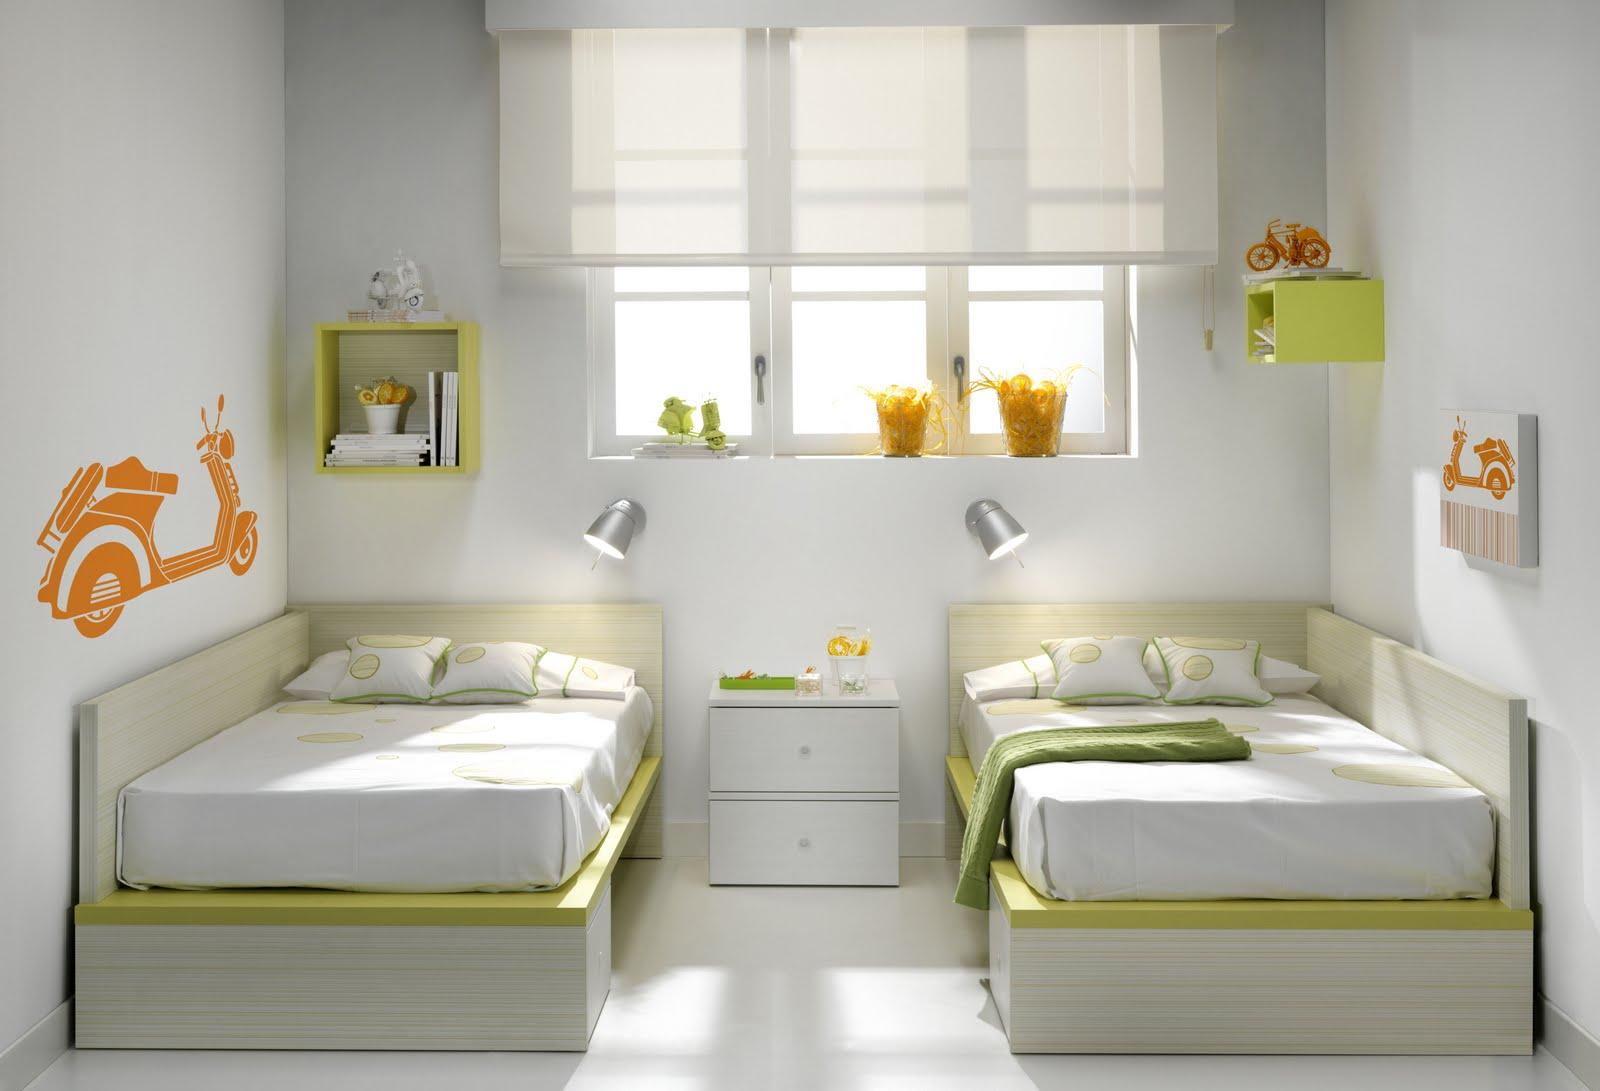 mobilier enfant et junior le couchage des jumeaux. Black Bedroom Furniture Sets. Home Design Ideas